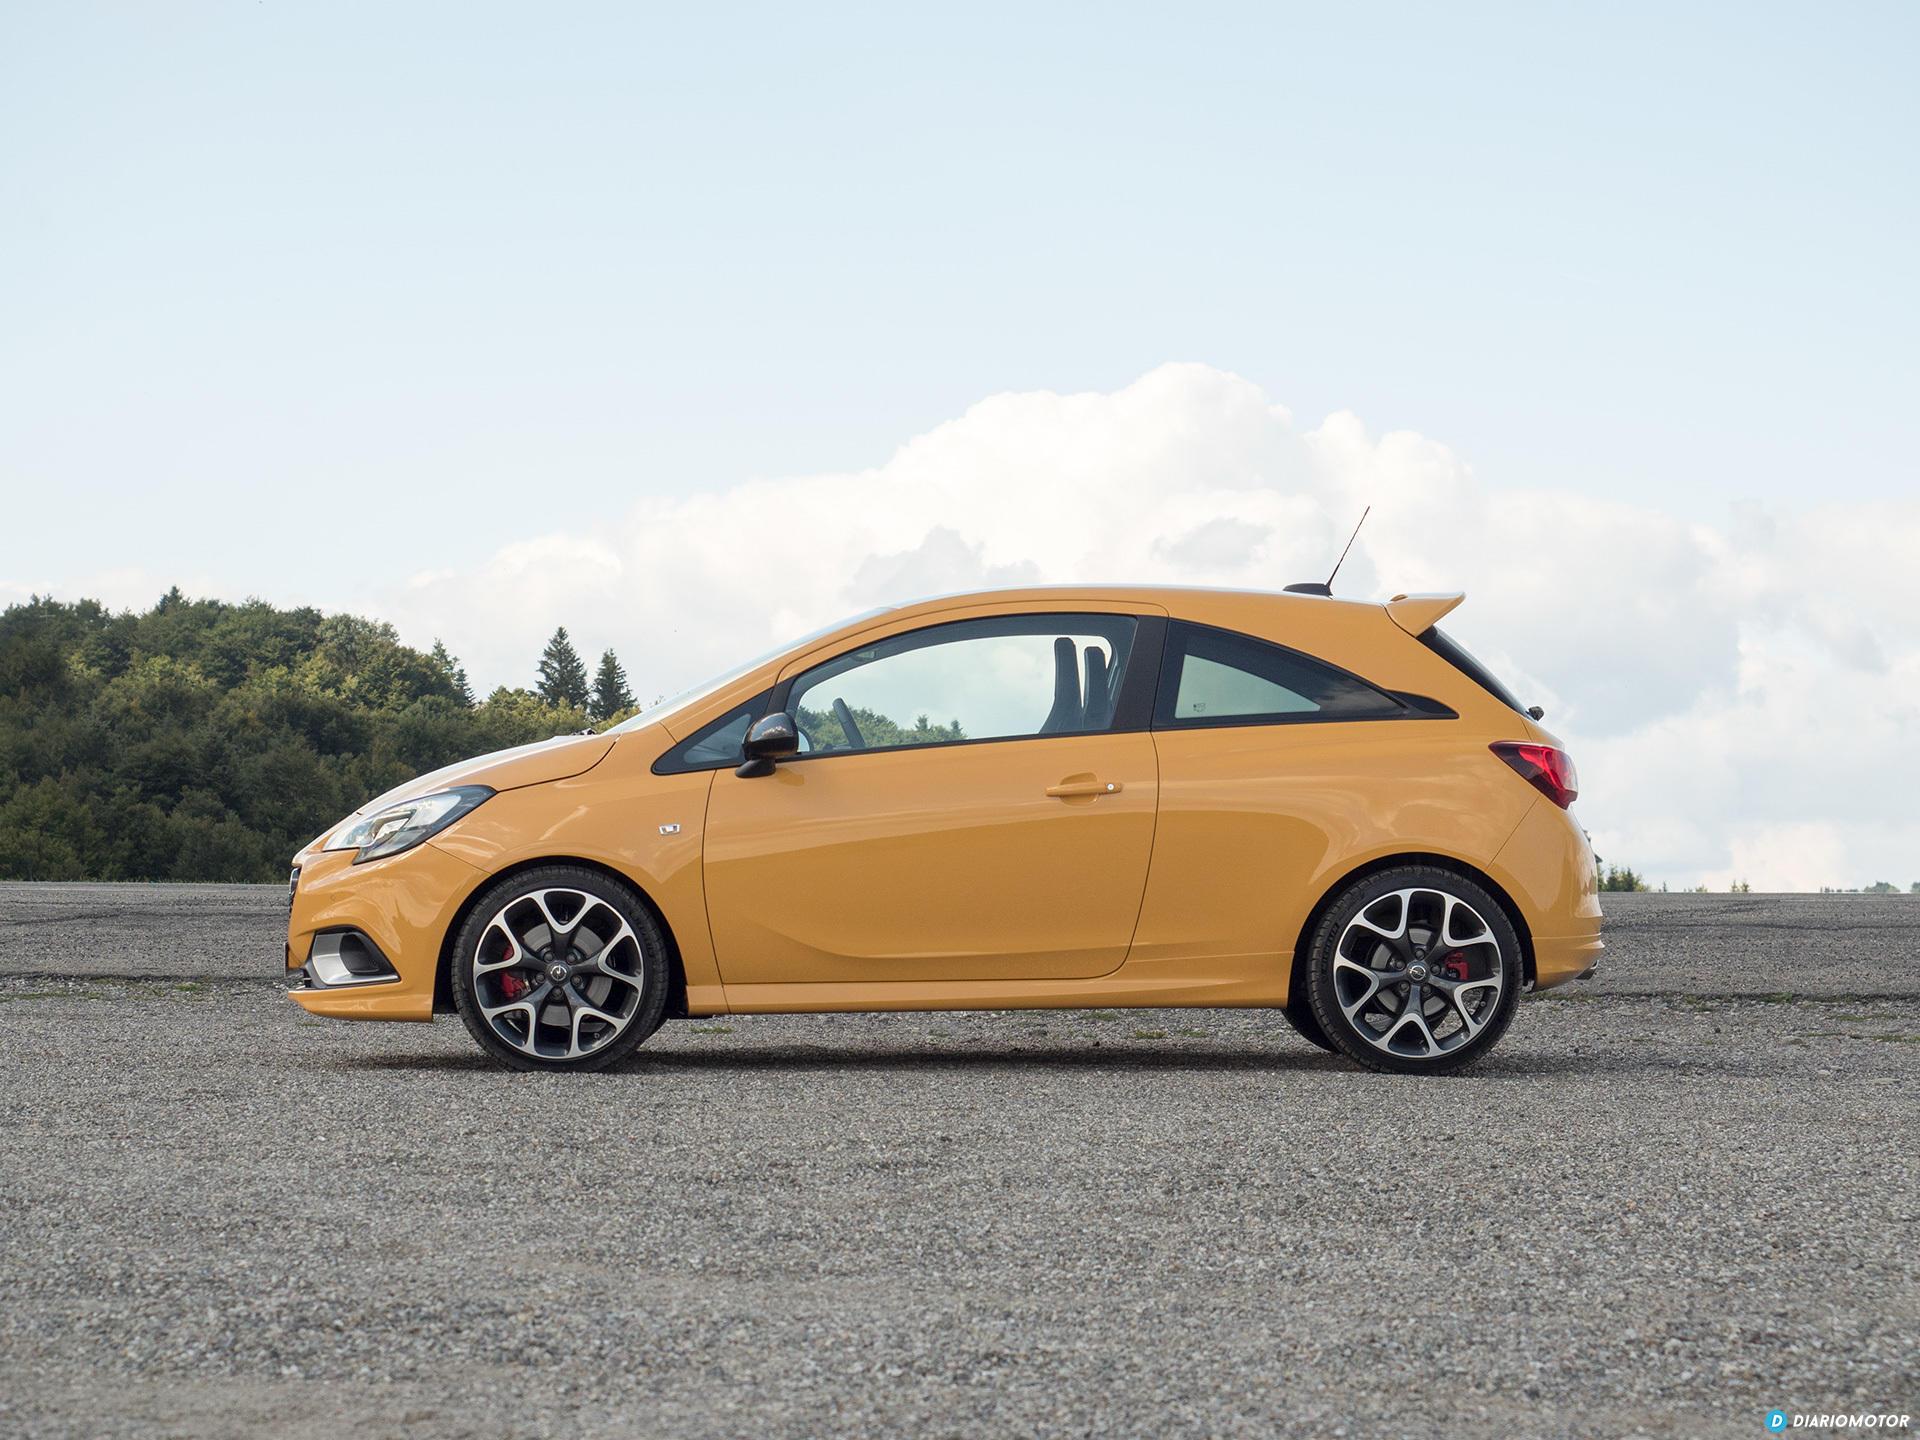 Opel Corsa Gsi Exterior 00008